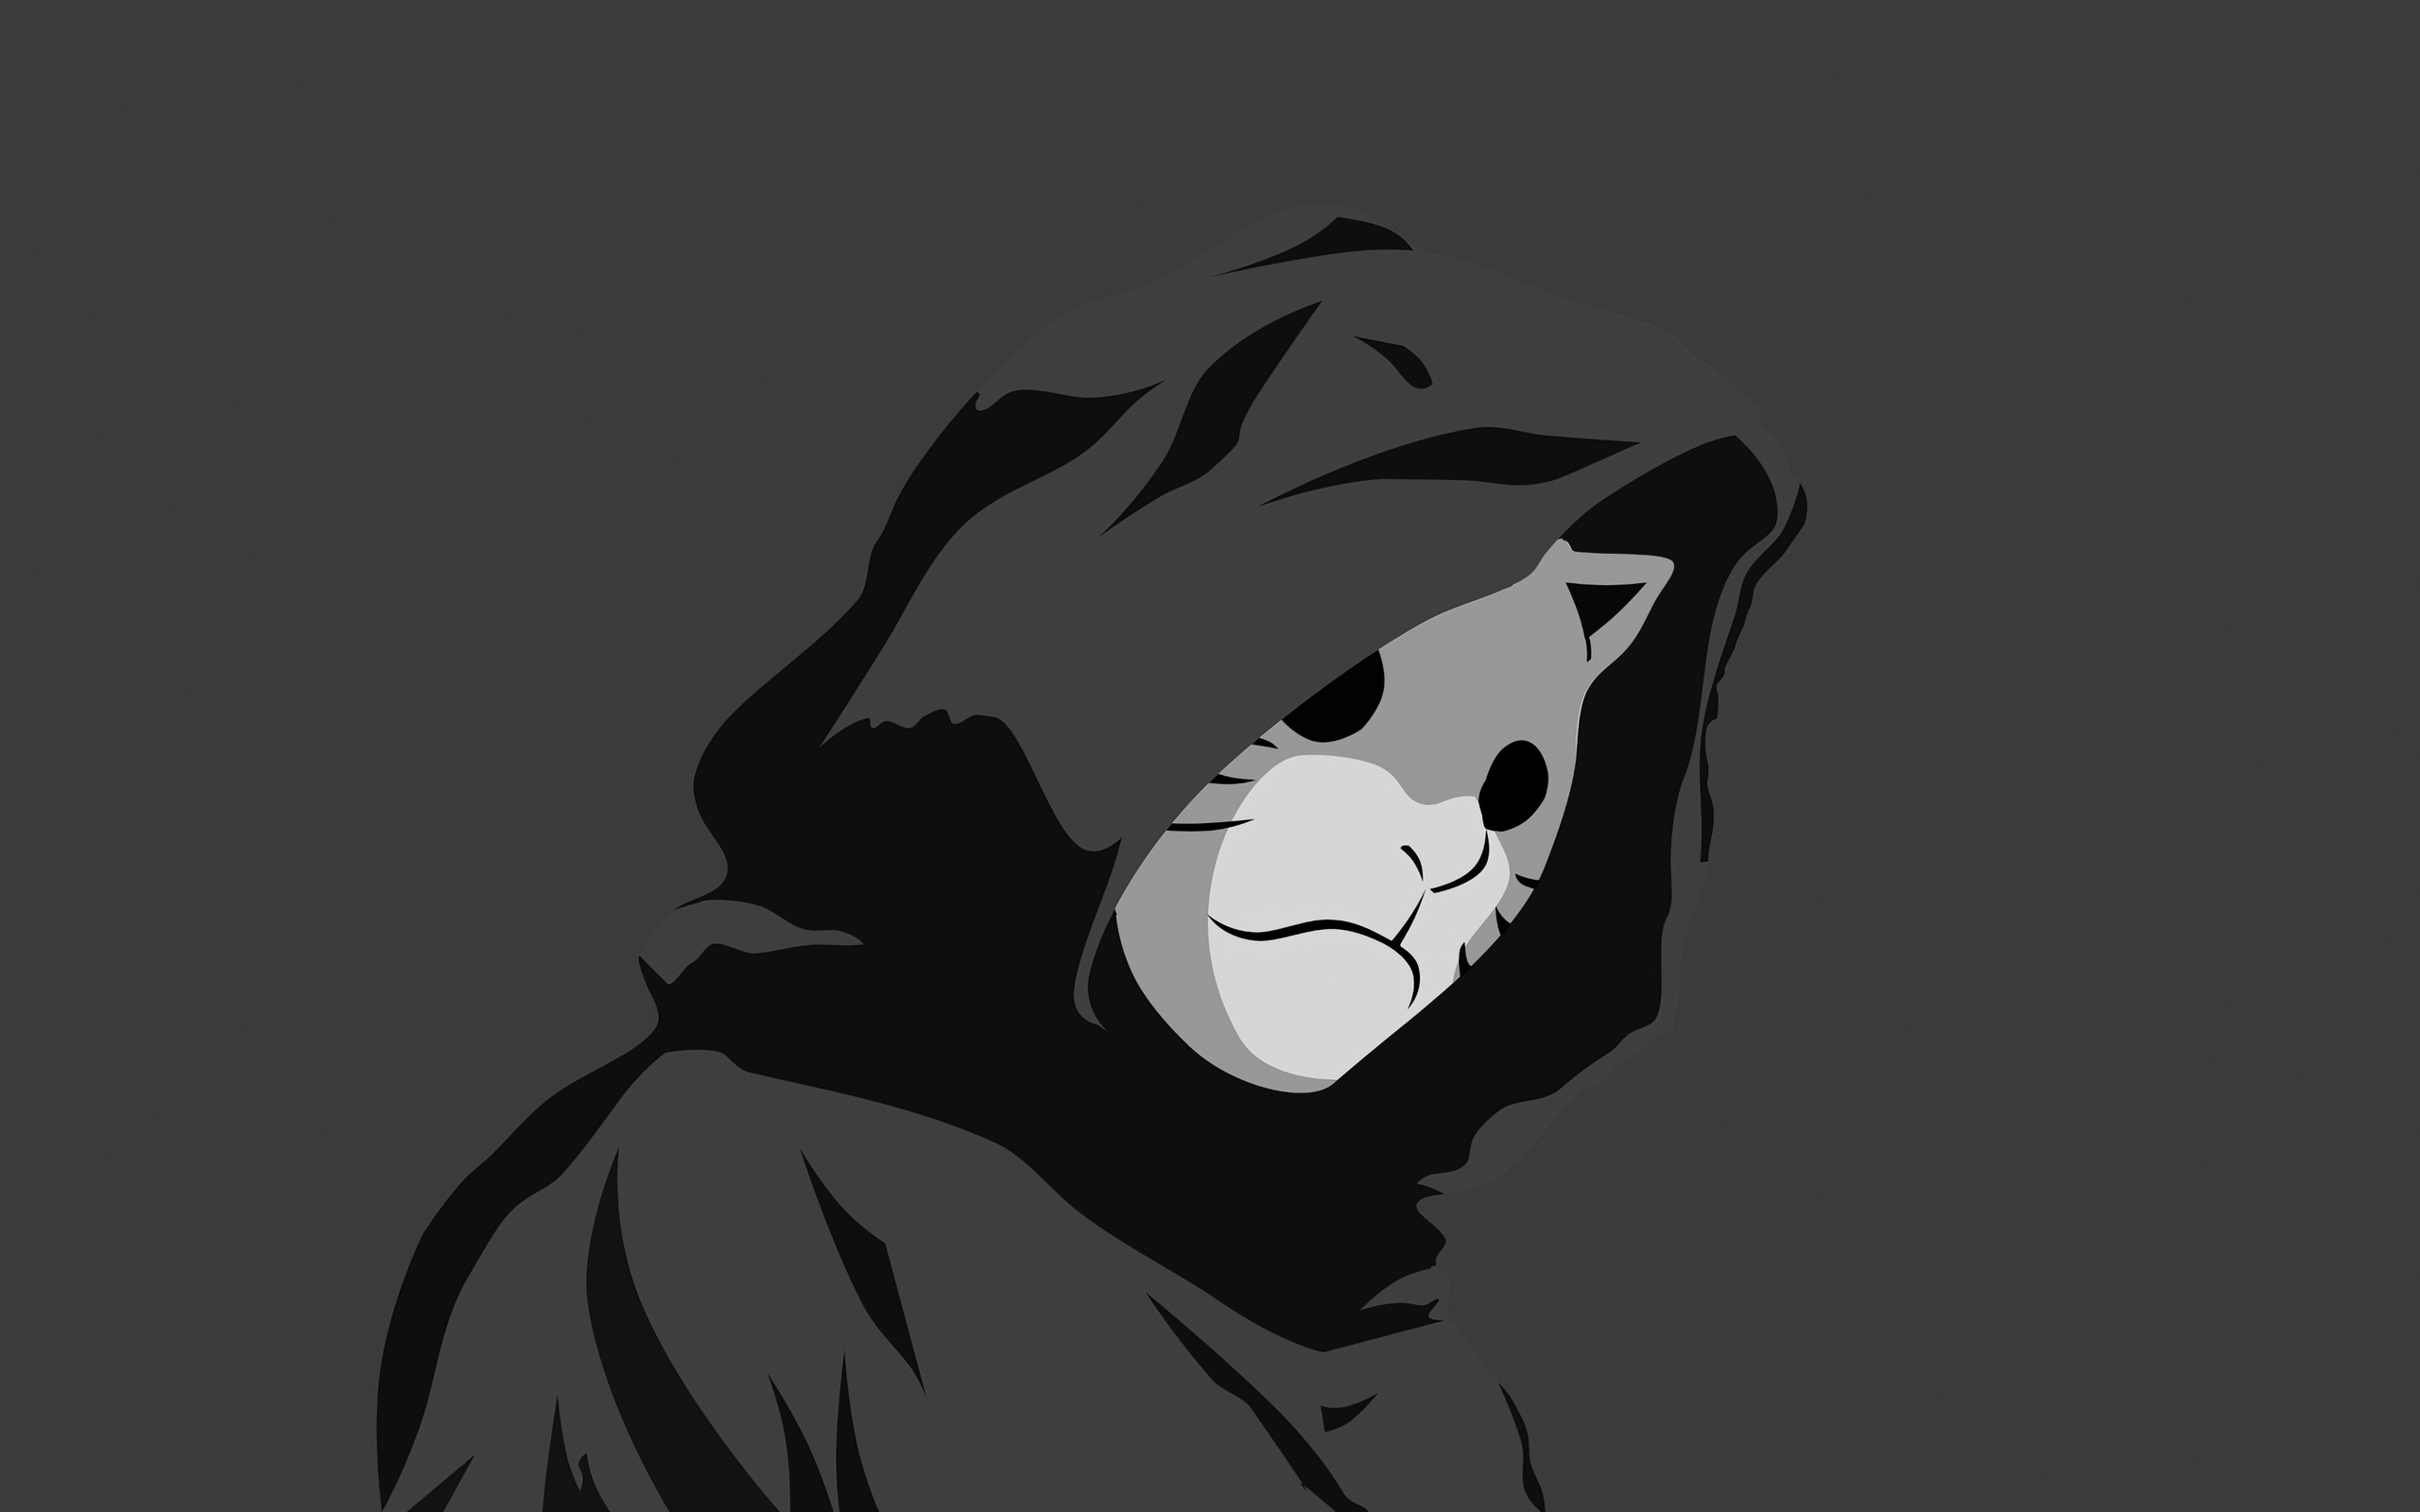 naruto-anbu-anime-4k-nr.jpg